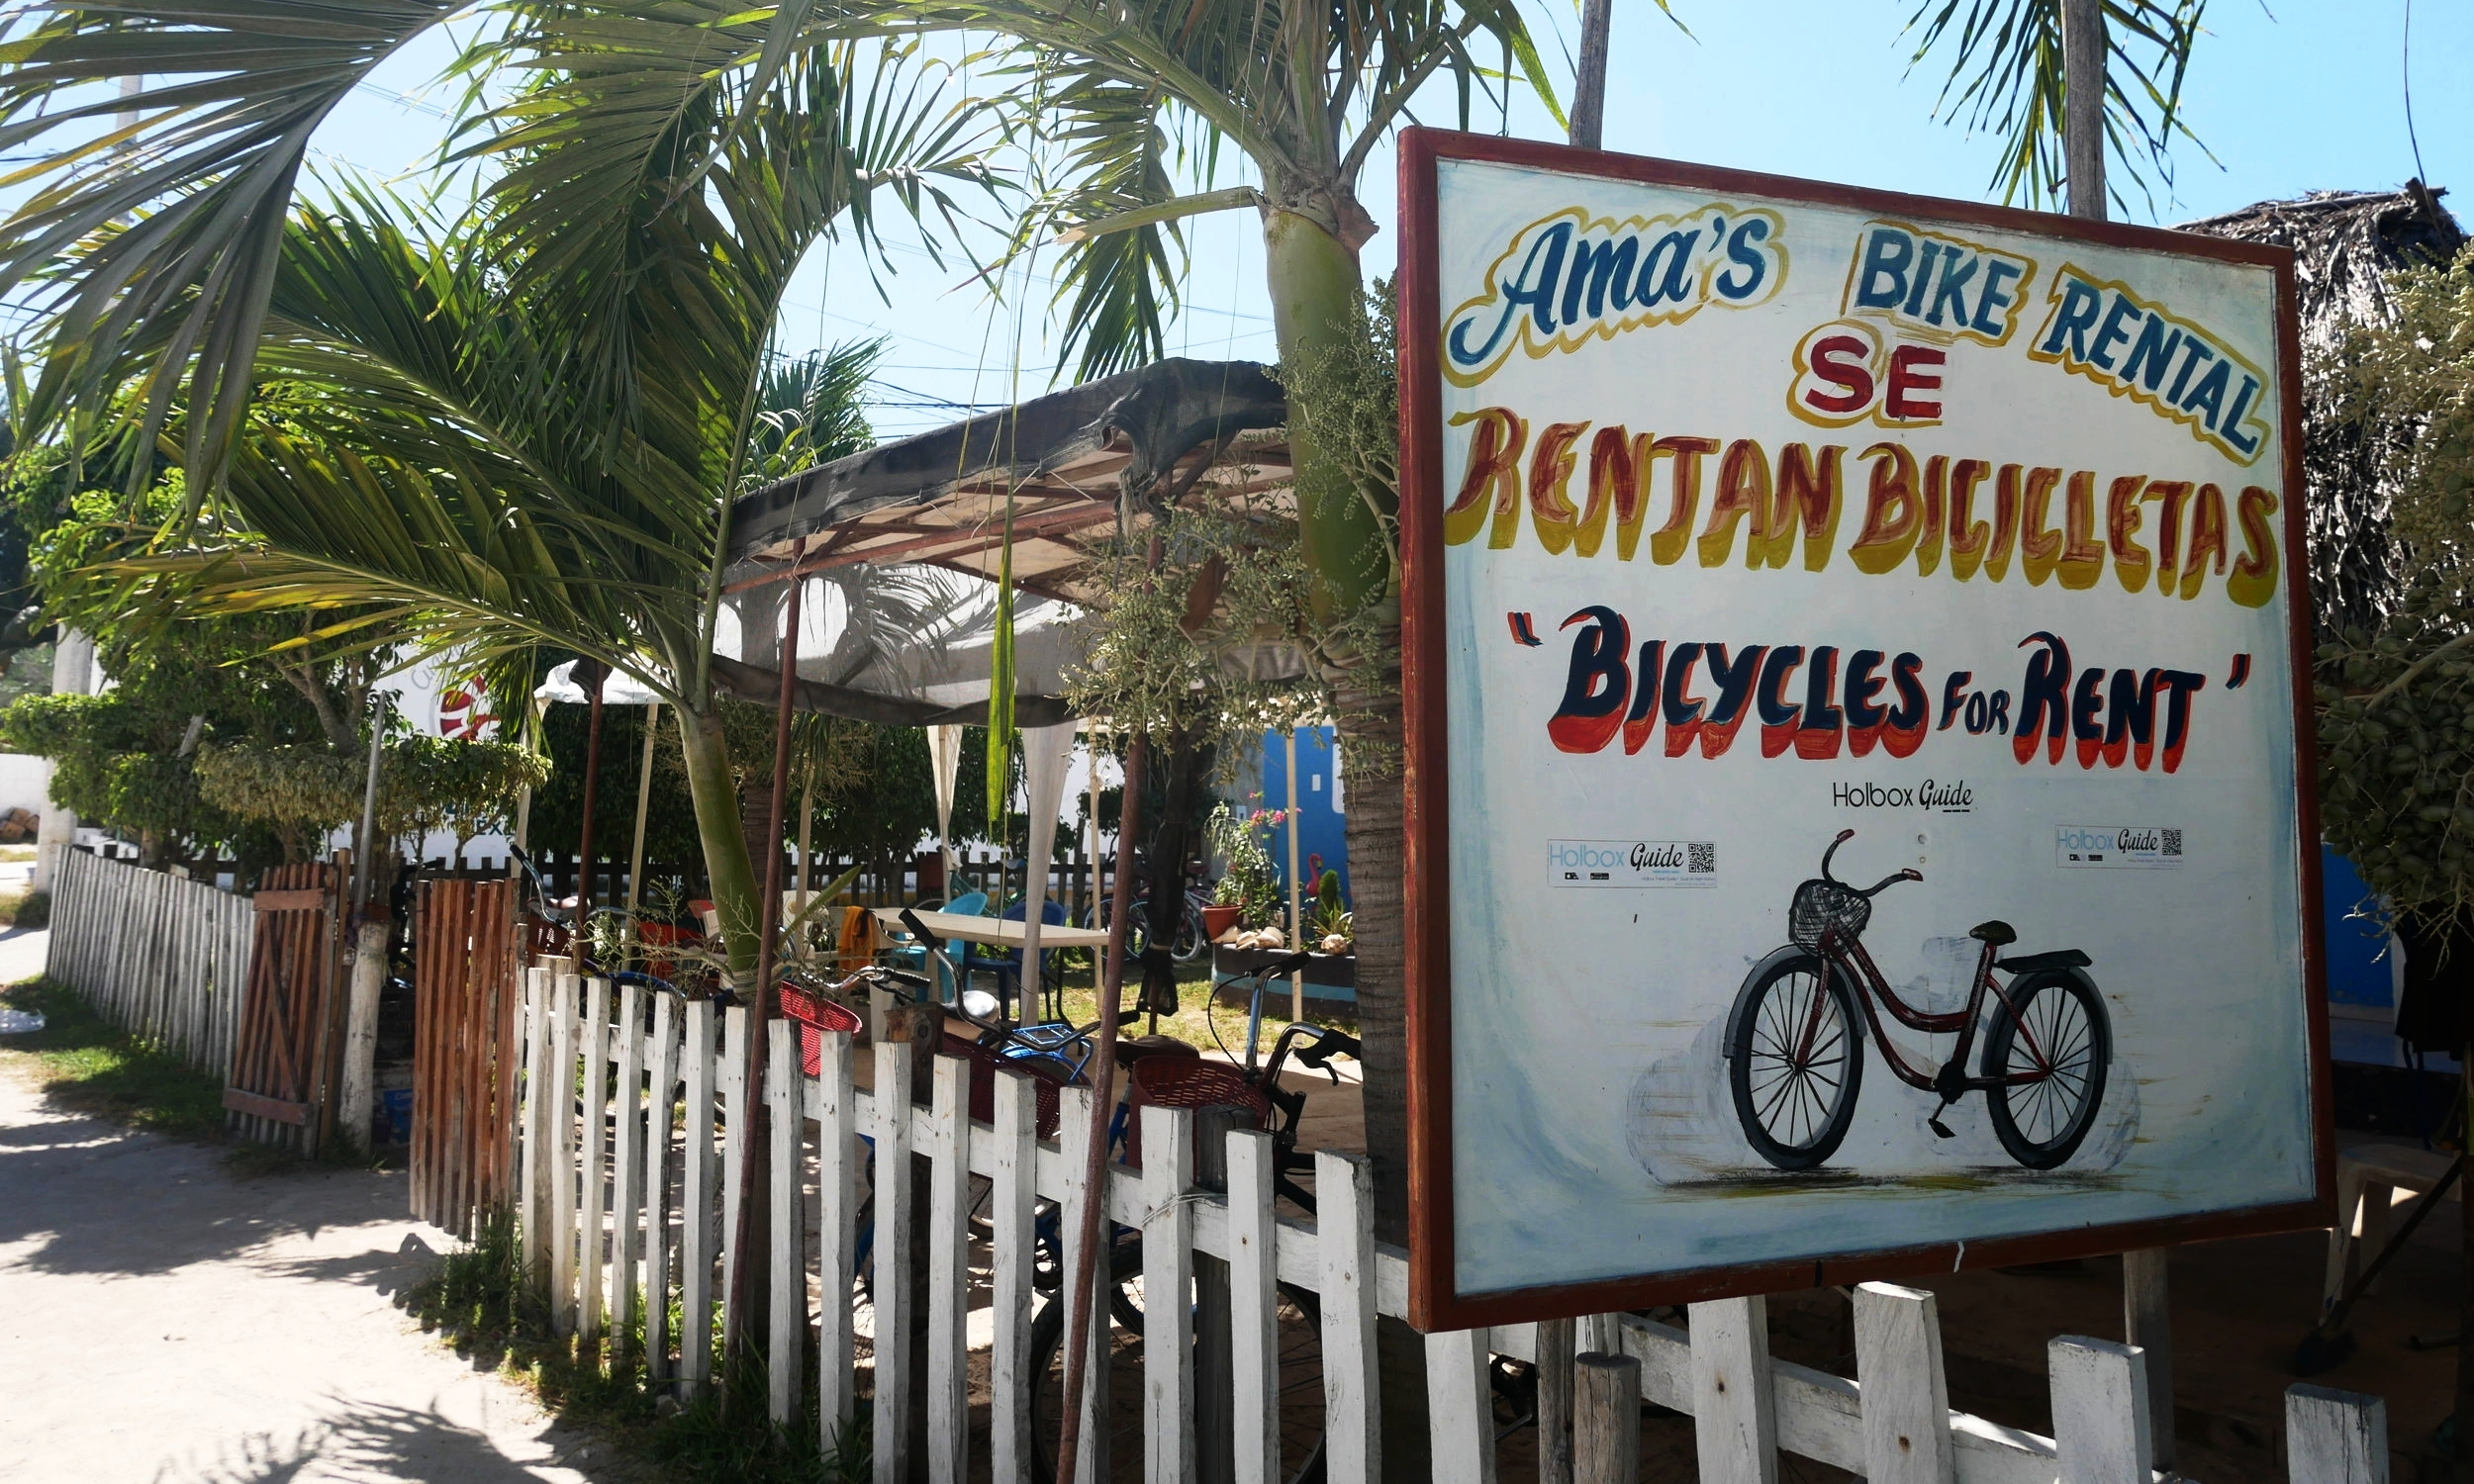 Ama's, my favoutie bike rental shop in Holbox